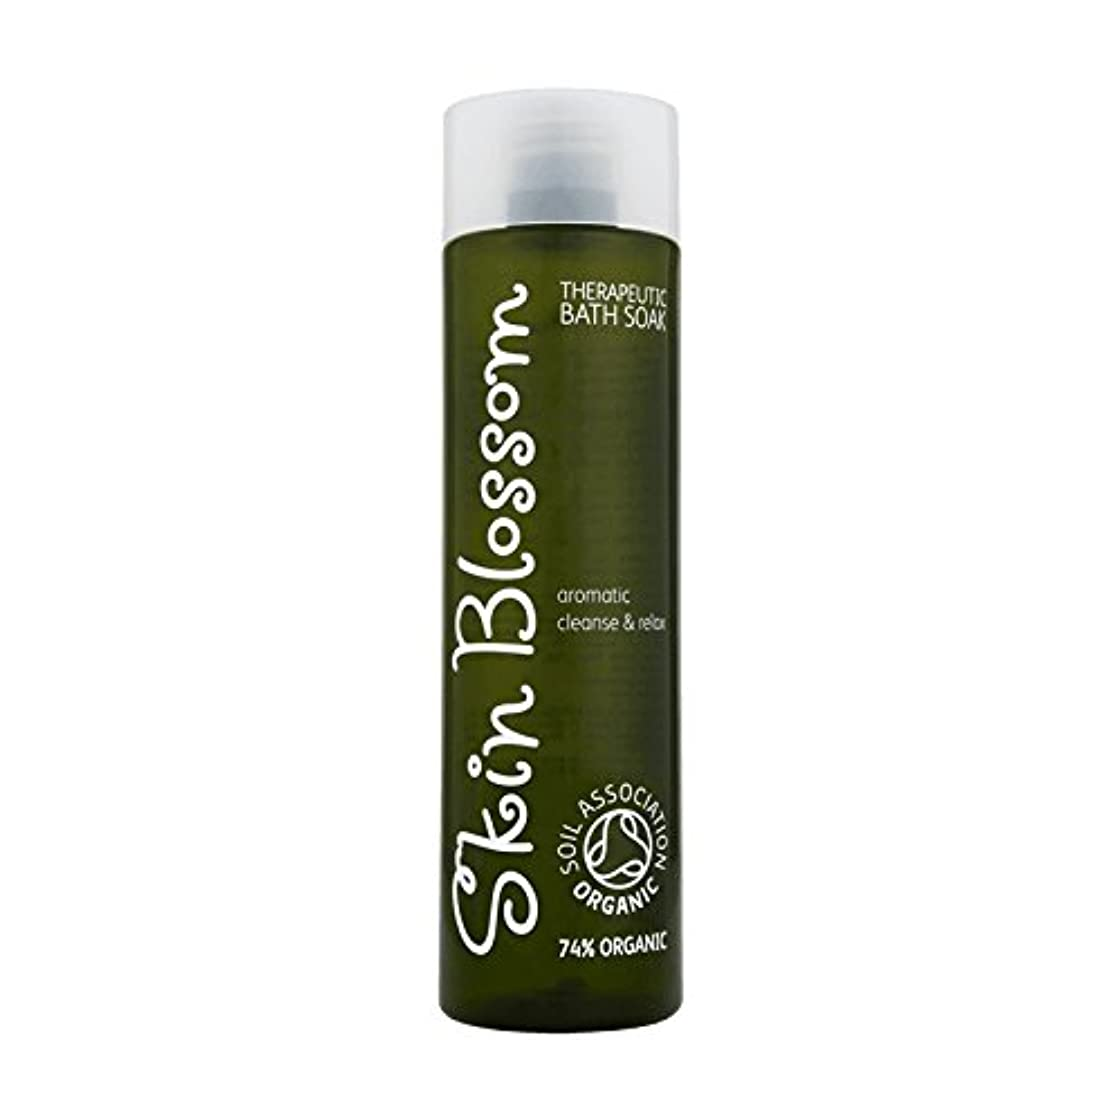 ラテン冒険家ロンドン治療浴は300ミリリットルソーク皮膚の花 - Skin Blossom Therapeutic Bath Soak 300ml (Skin Blossom) [並行輸入品]